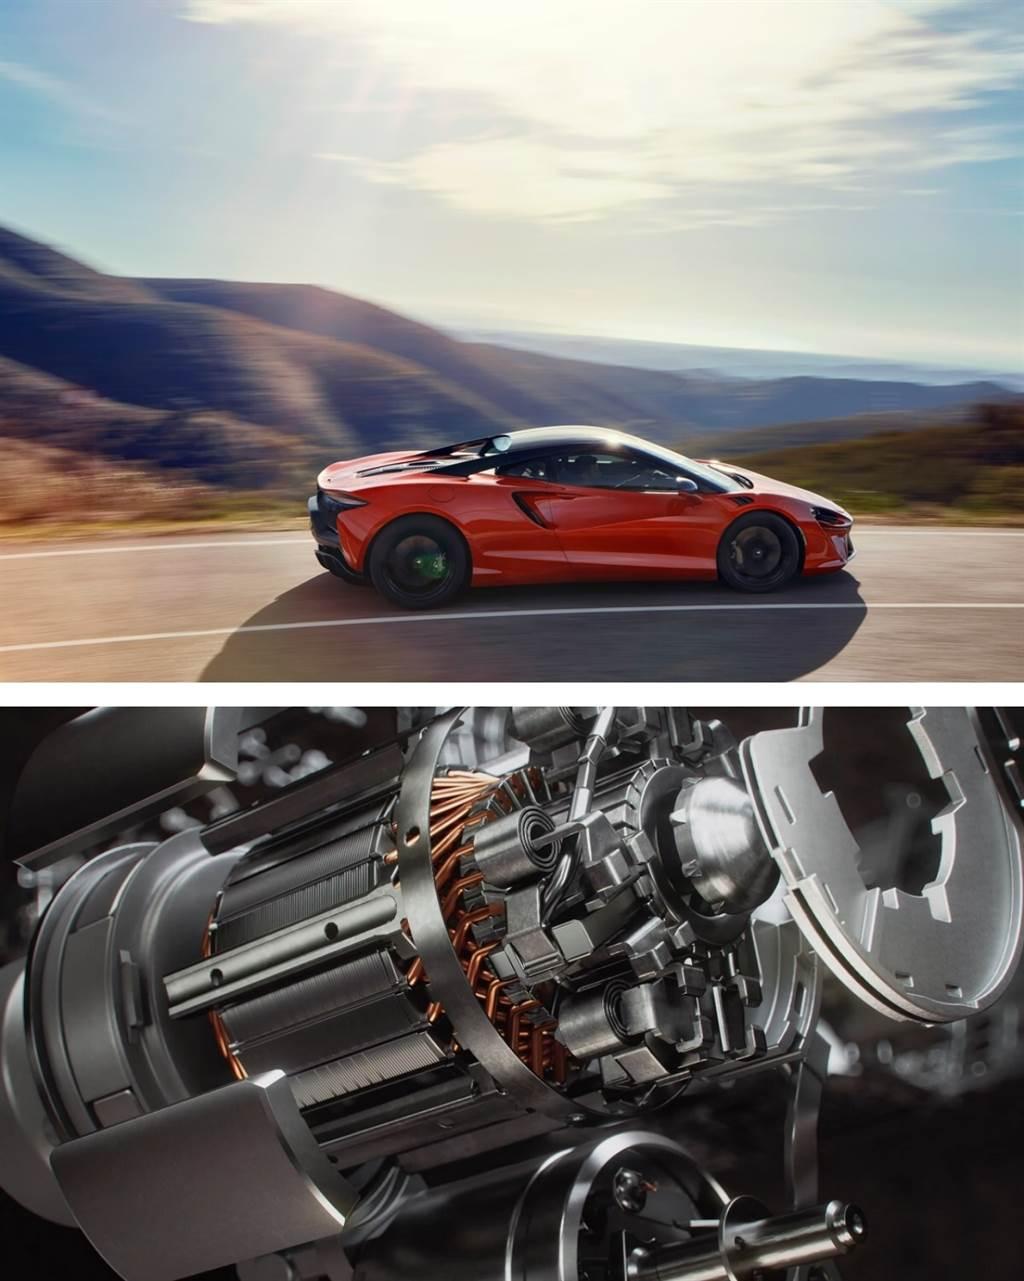 首度配置V6 Hybrid動力、ADAS、限滑差速器…諸多革新!深度剖析McLaren Artura